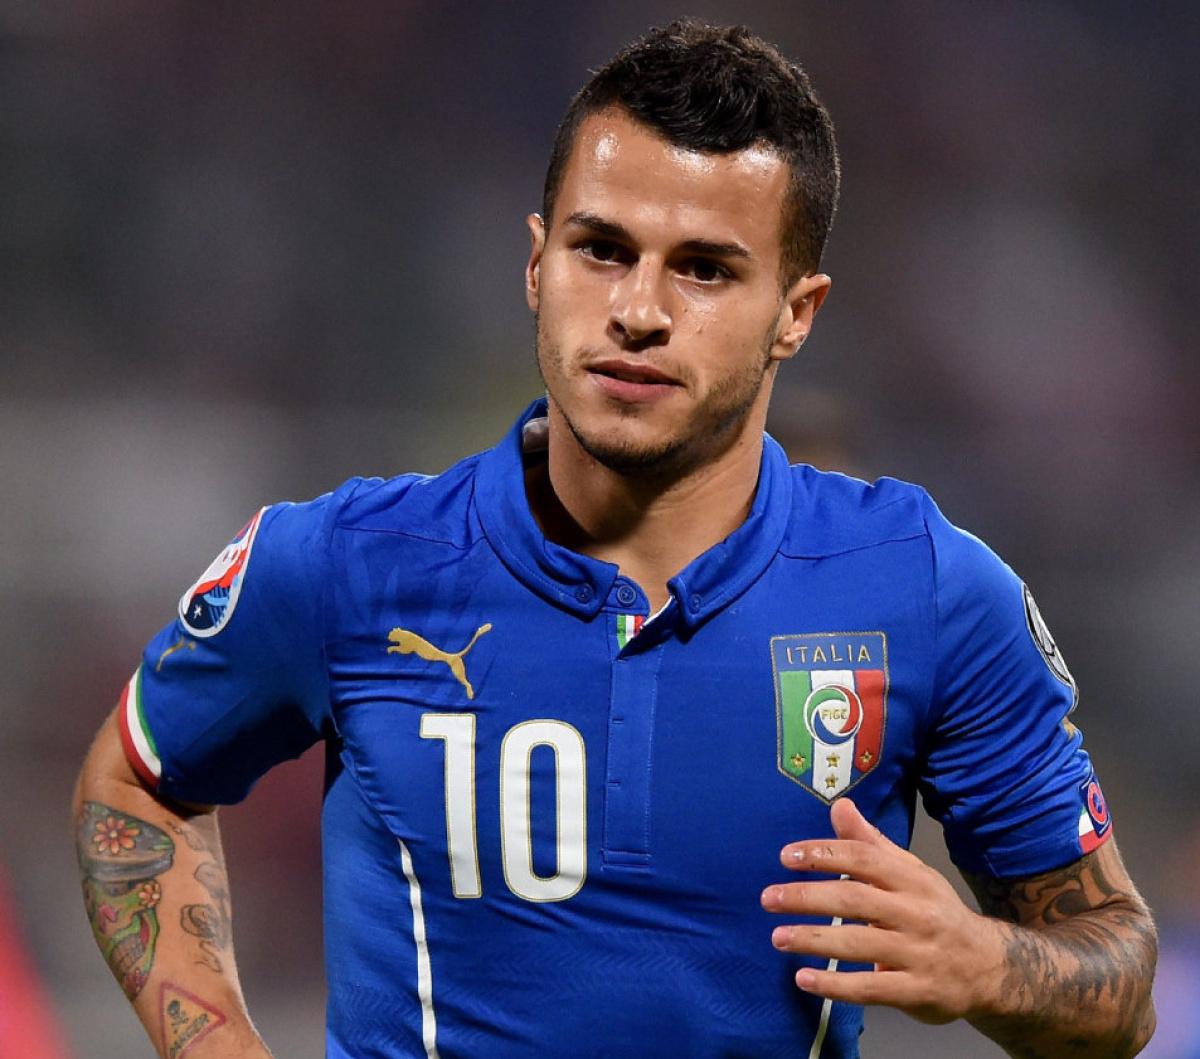 Sebastian Giovinci Balik lagi ke Timnas Italia Bukanlah Hal Mengagetkan